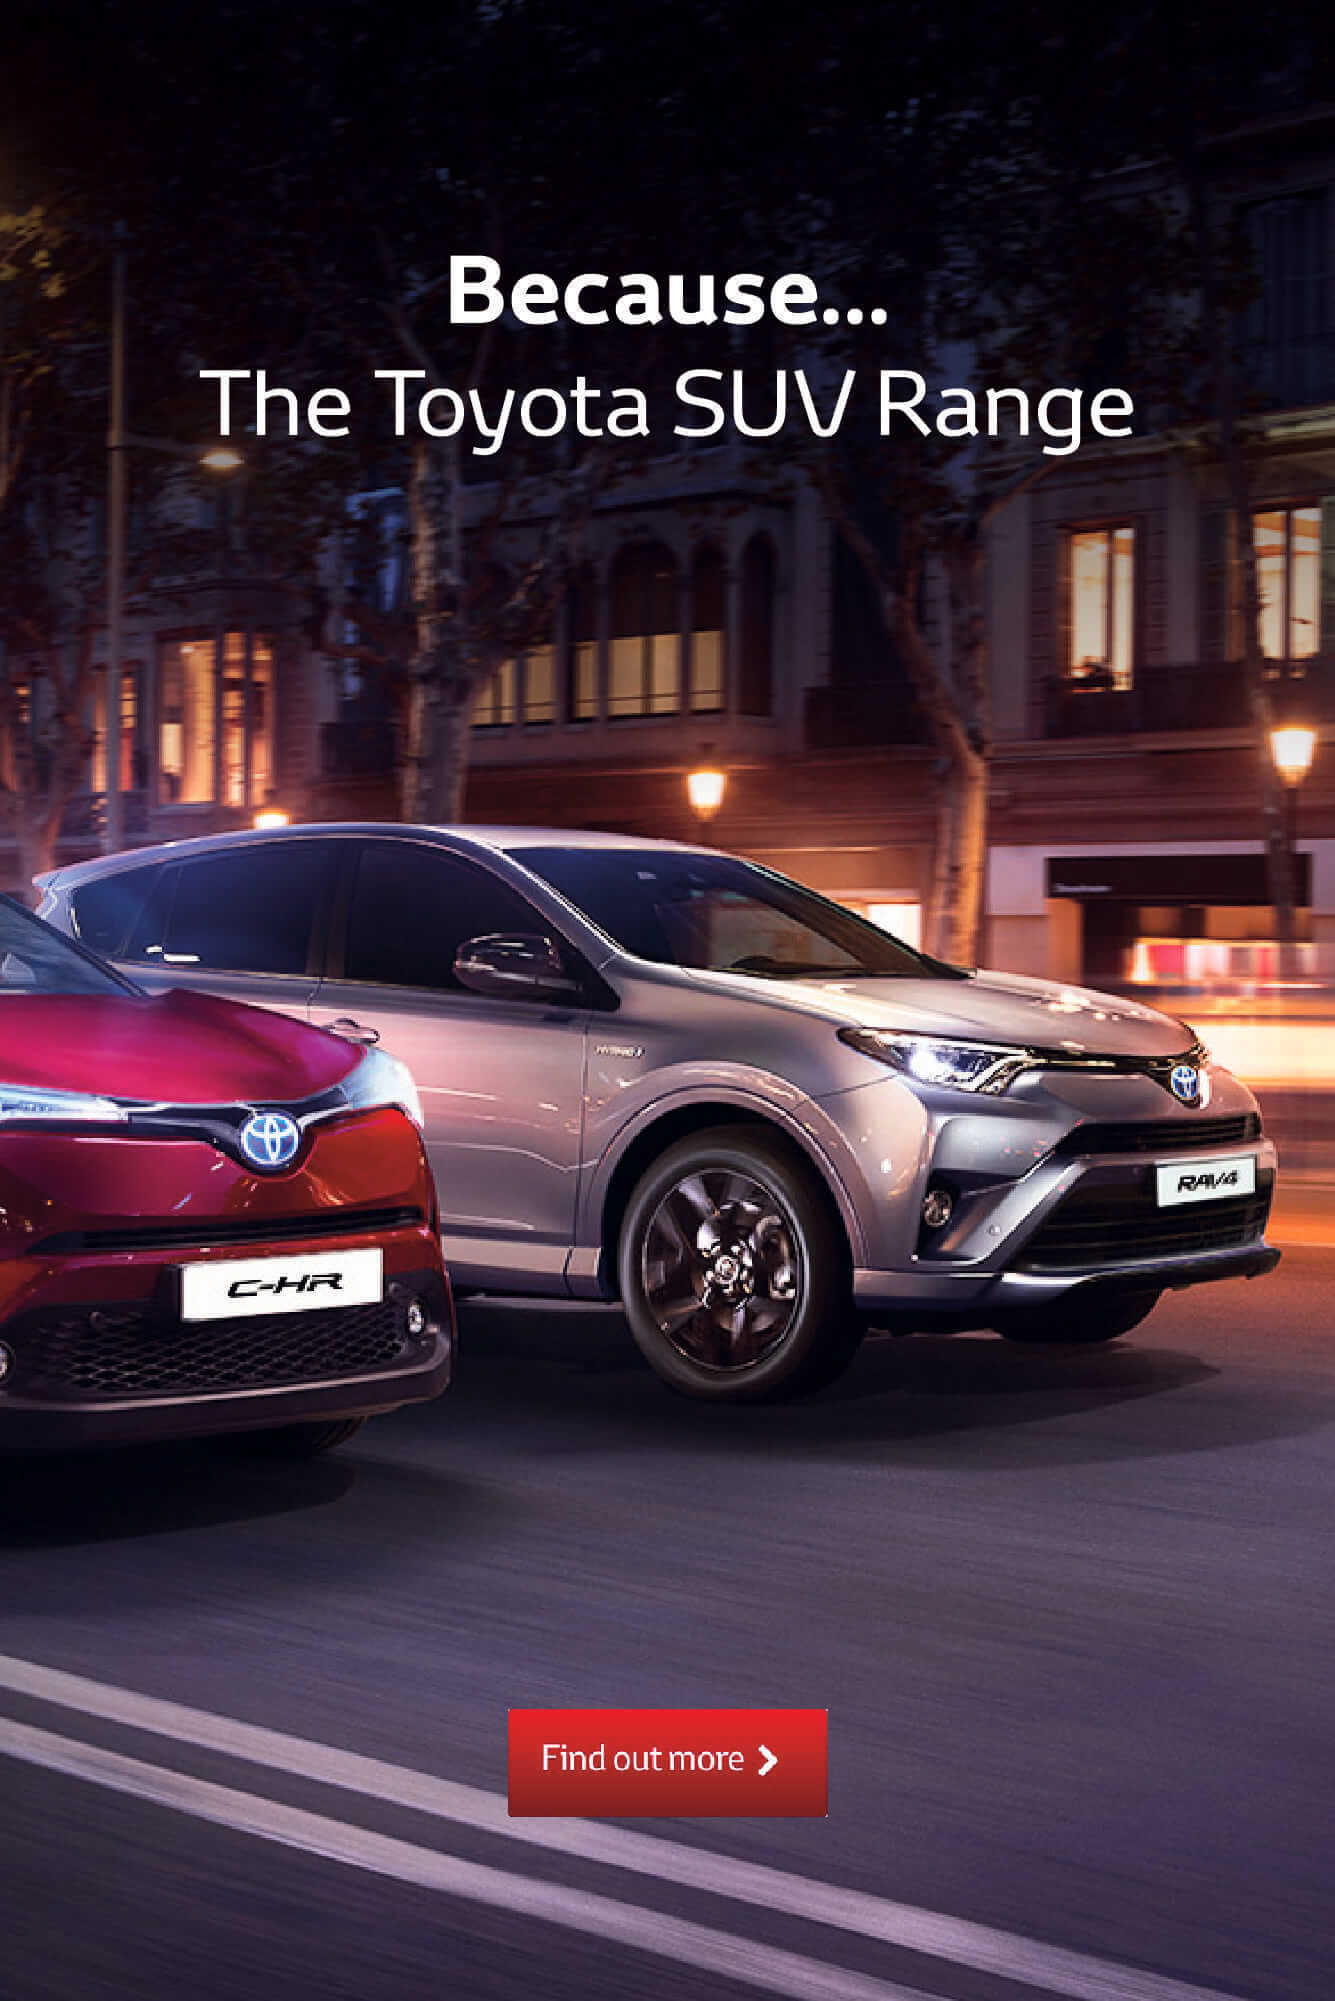 Toyota Rav4 deals New Toyota Rav4 Cars for Sale